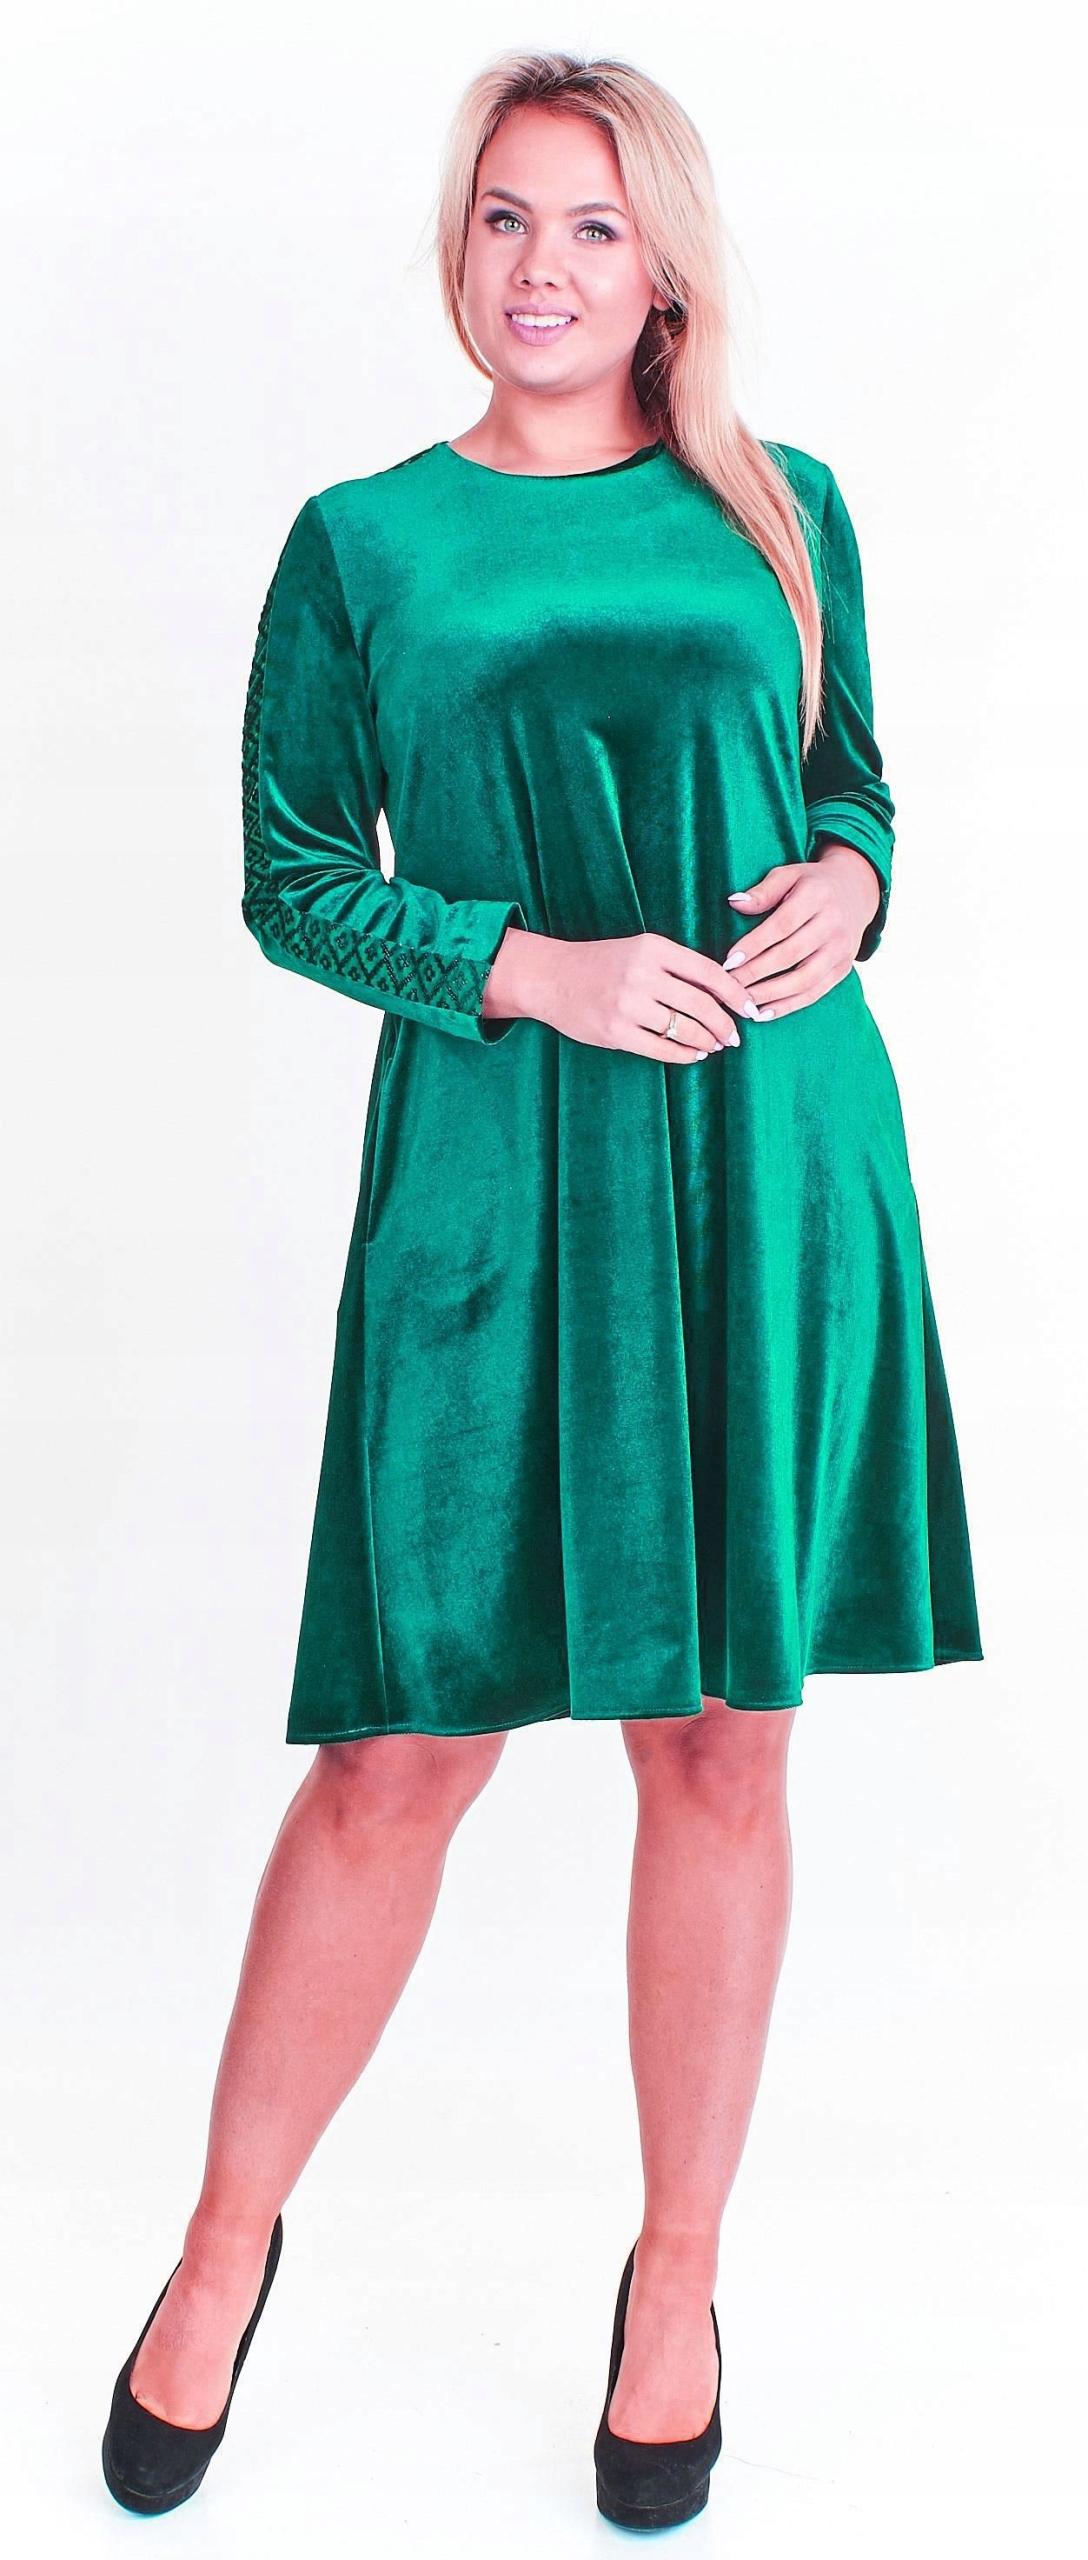 087967ba48 Aksamitna zielona sukienka wesele świeta r. 42 - 7615720739 ...